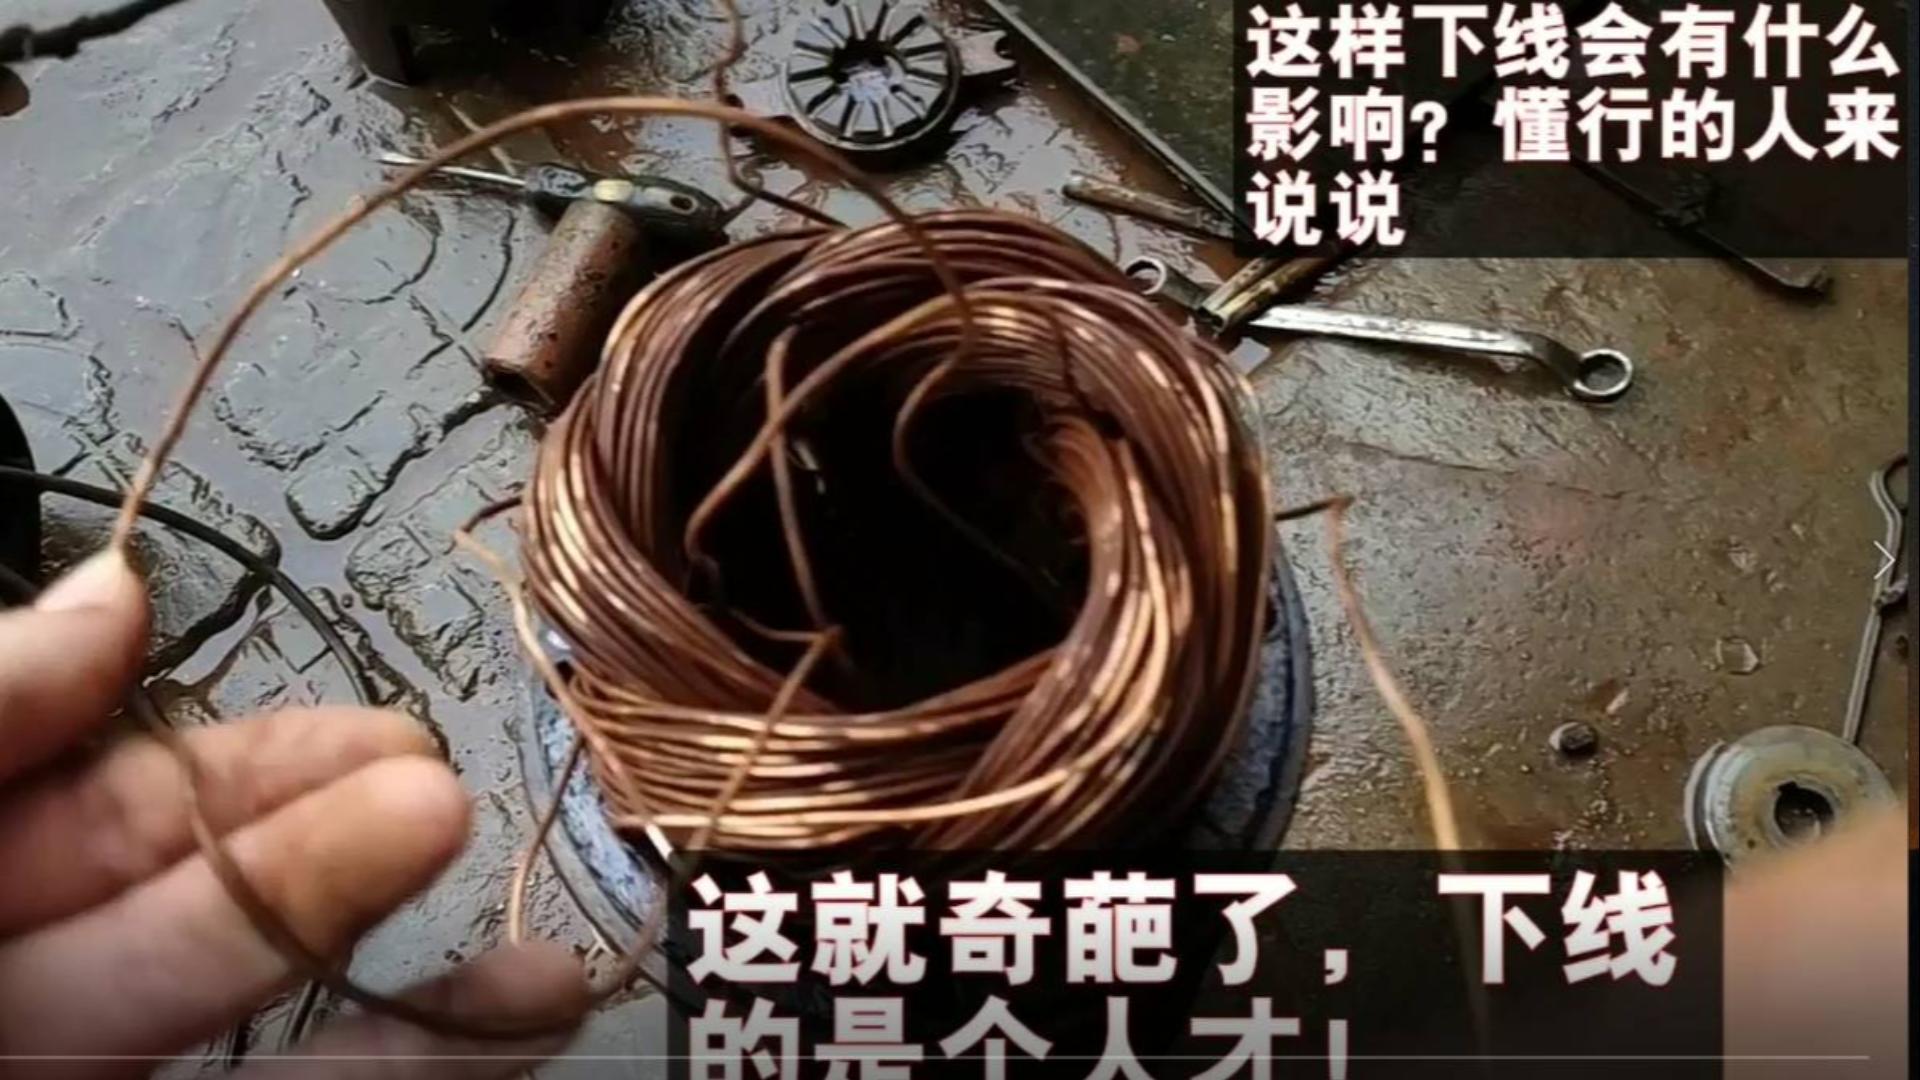 潜水泵拆解,三相电机拆开后铜线乱七八糟,小伙:下线的是个人才